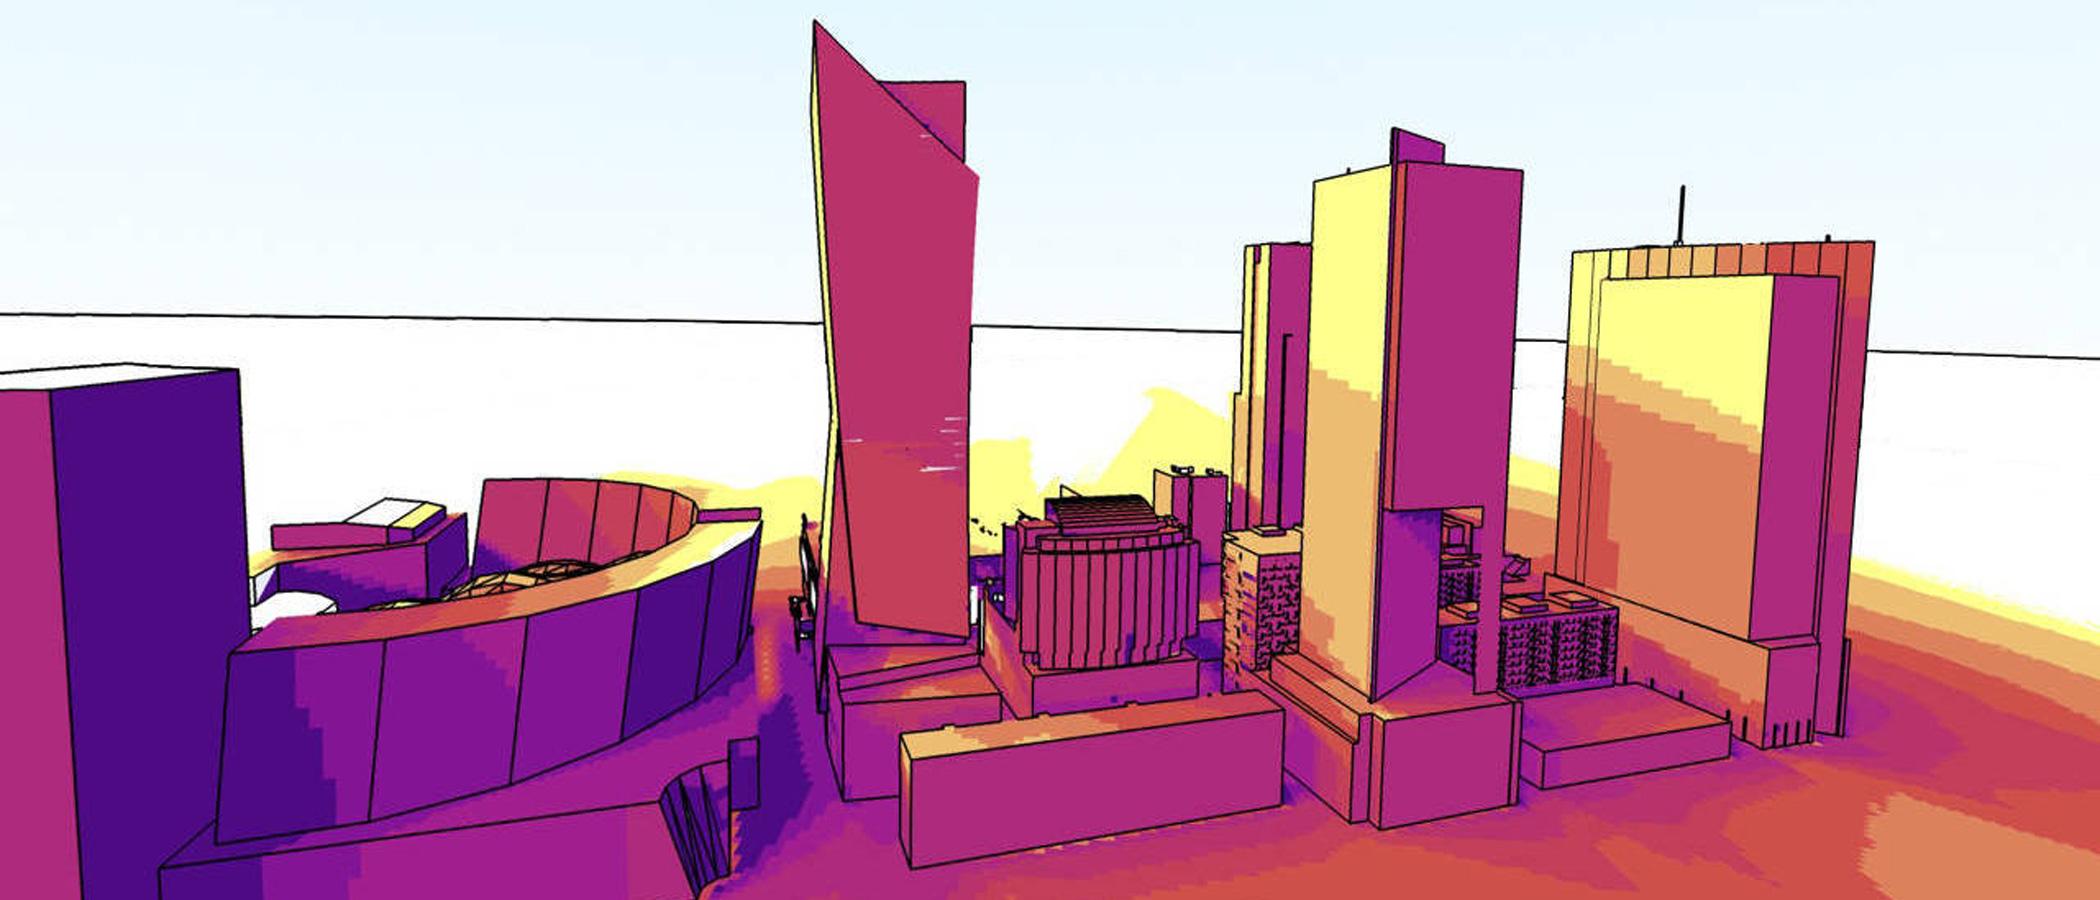 Shadow Analysis dla SketchUp - Analiza nasłonecznienia i zacienienia